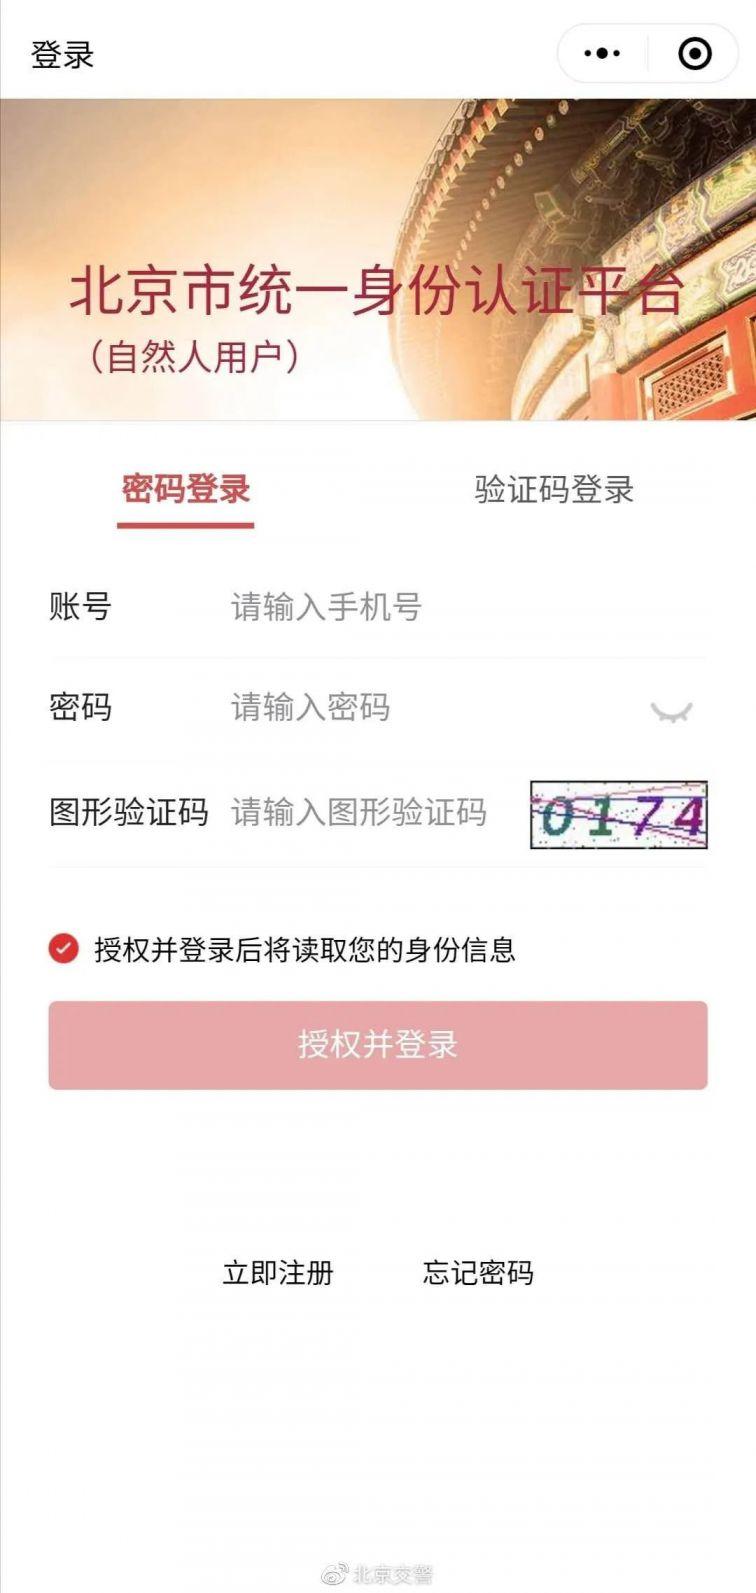 2020年8月5日起北京可隨手拍舉報交通違法行為